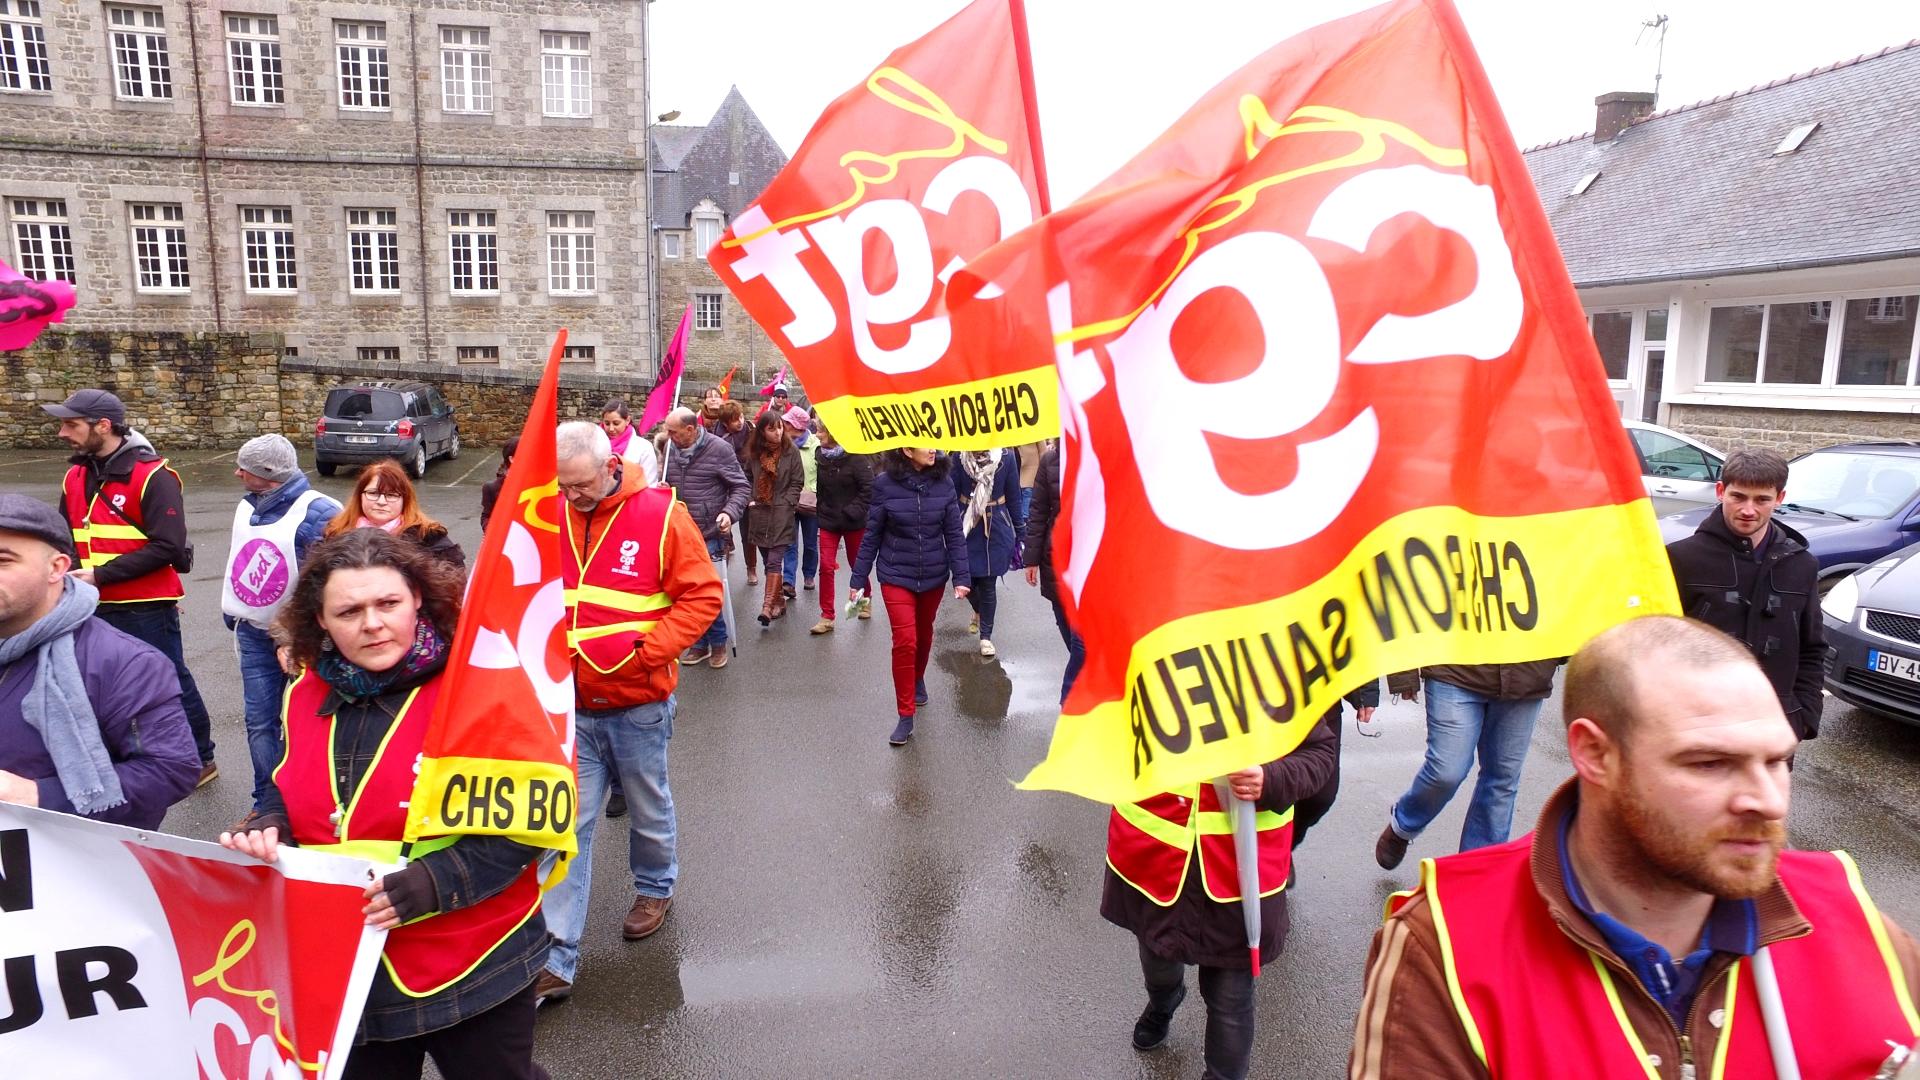 Manifestation pour la défense de l'hôpital psychiatrique de Bégard - La Déviation